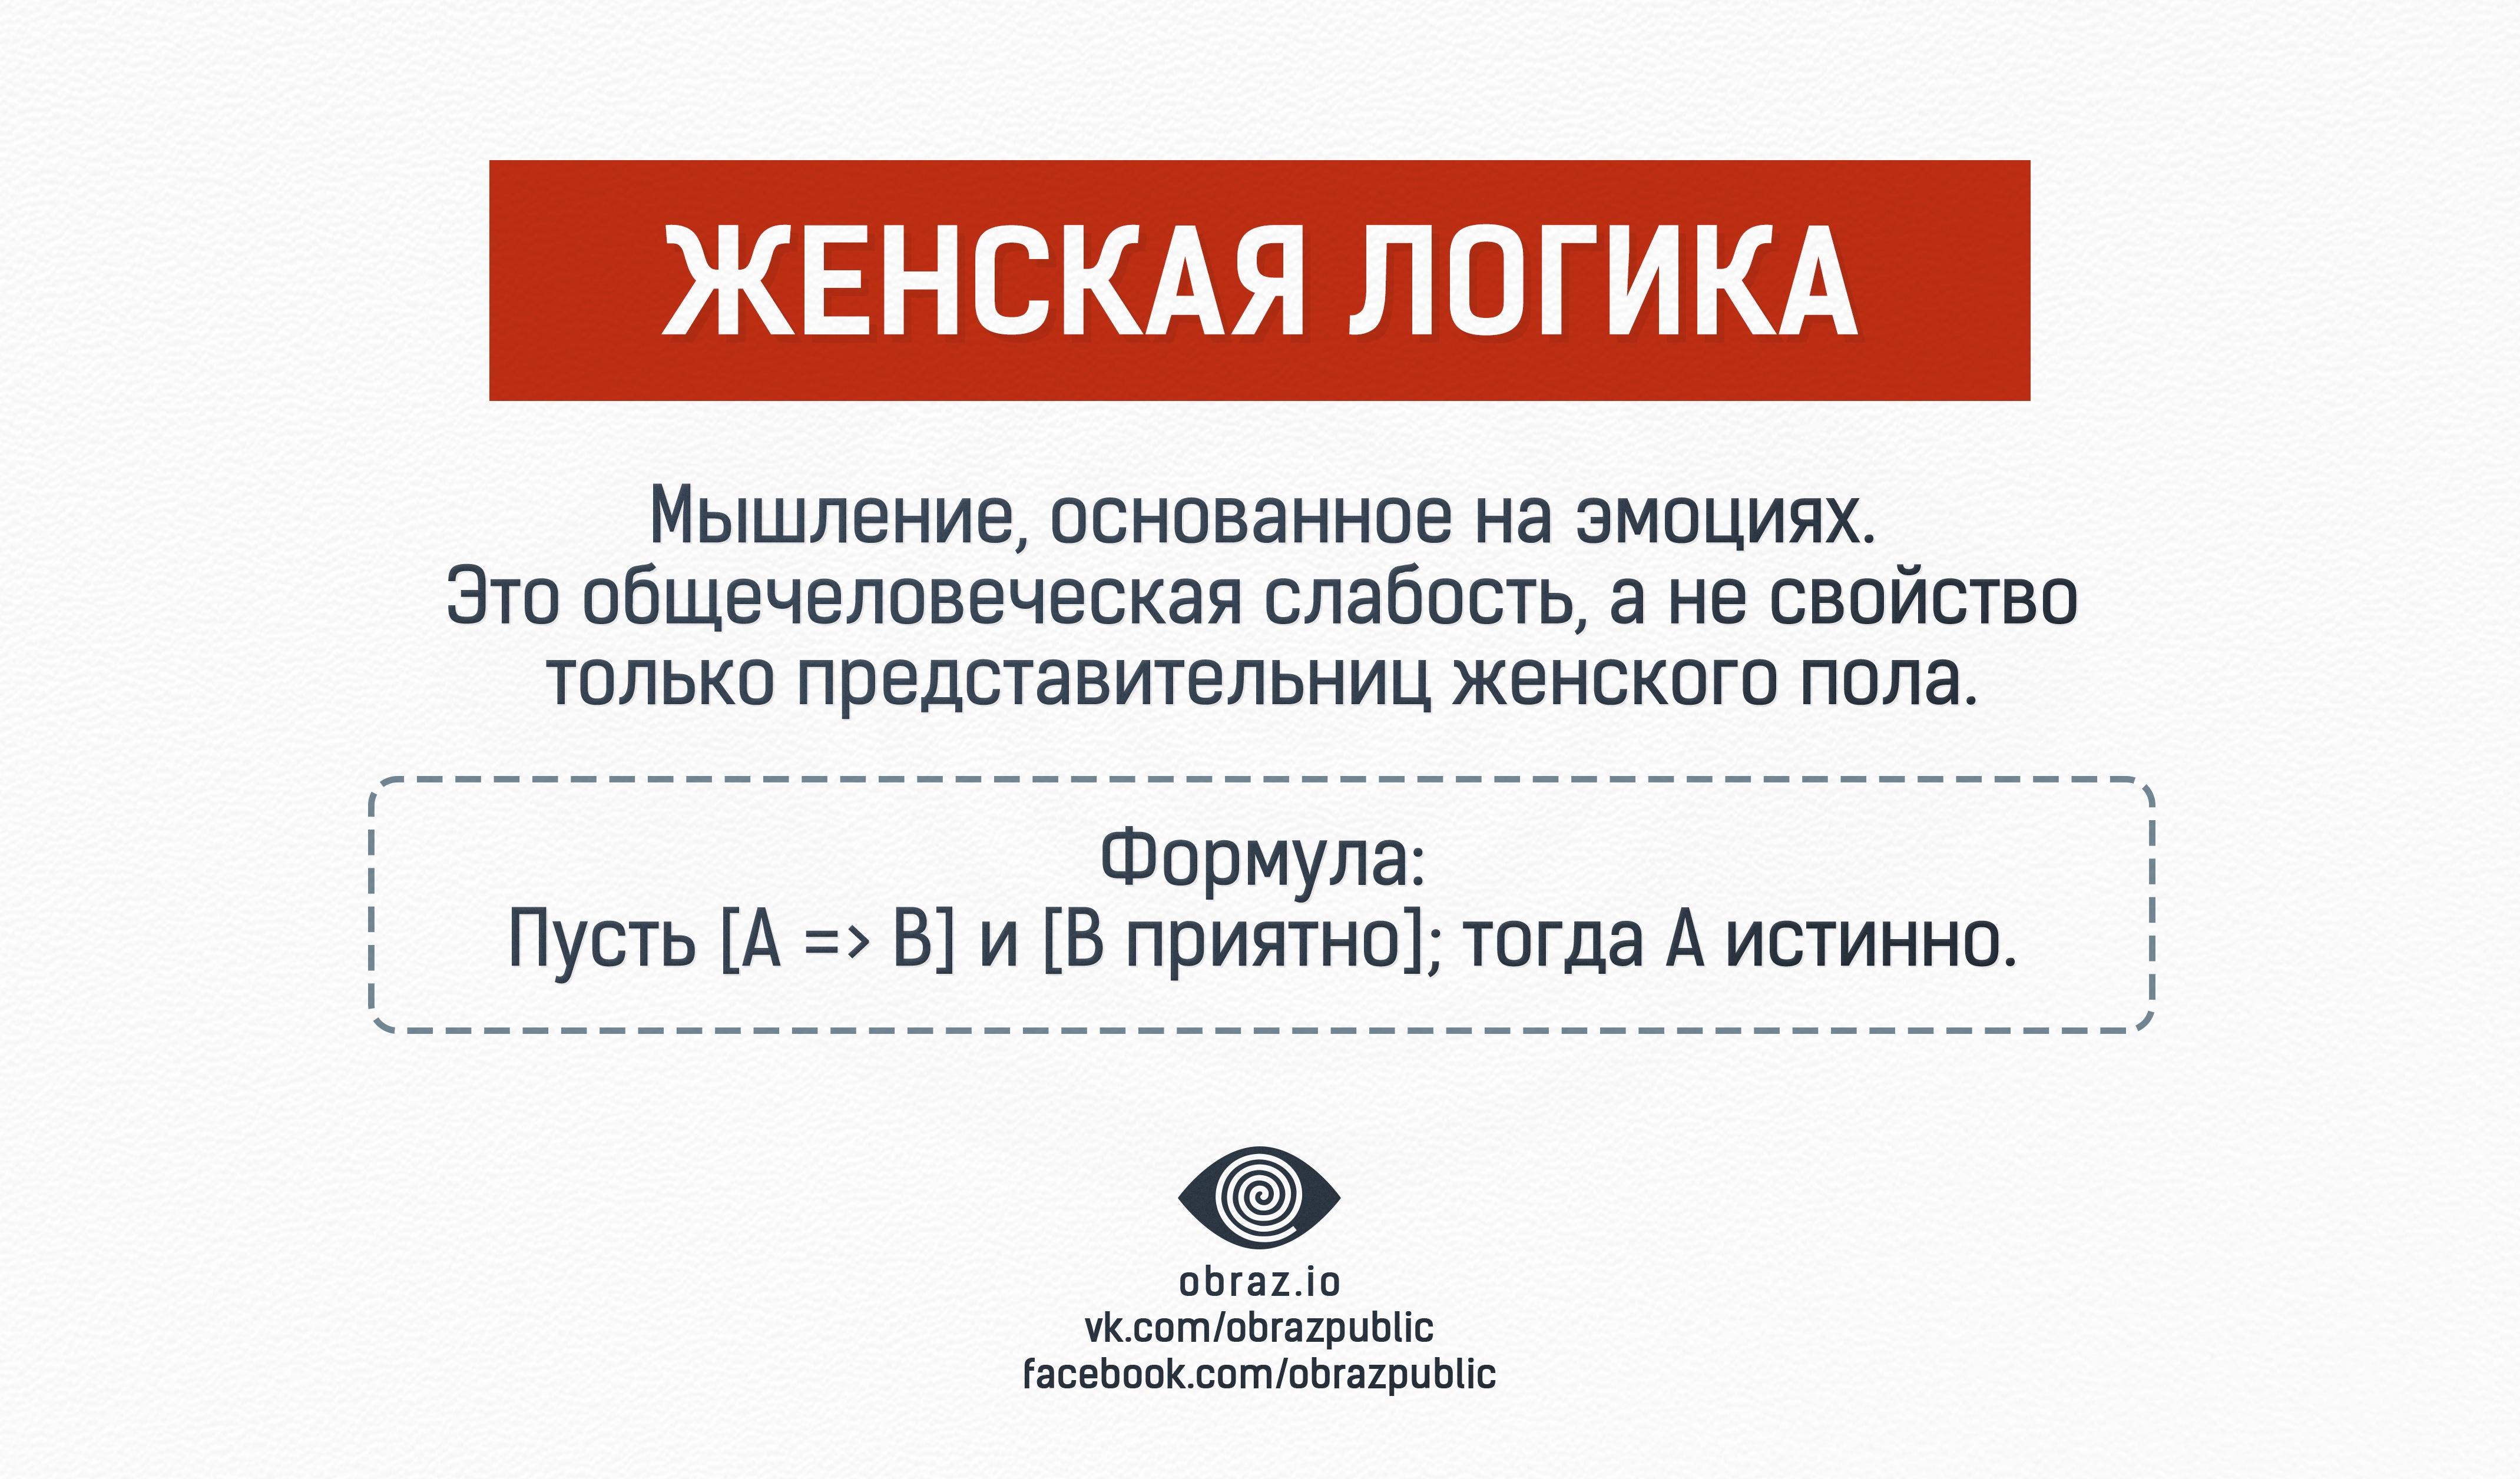 Email:learningkurakov@gmail com3292 1gm42kq.k34902uik9